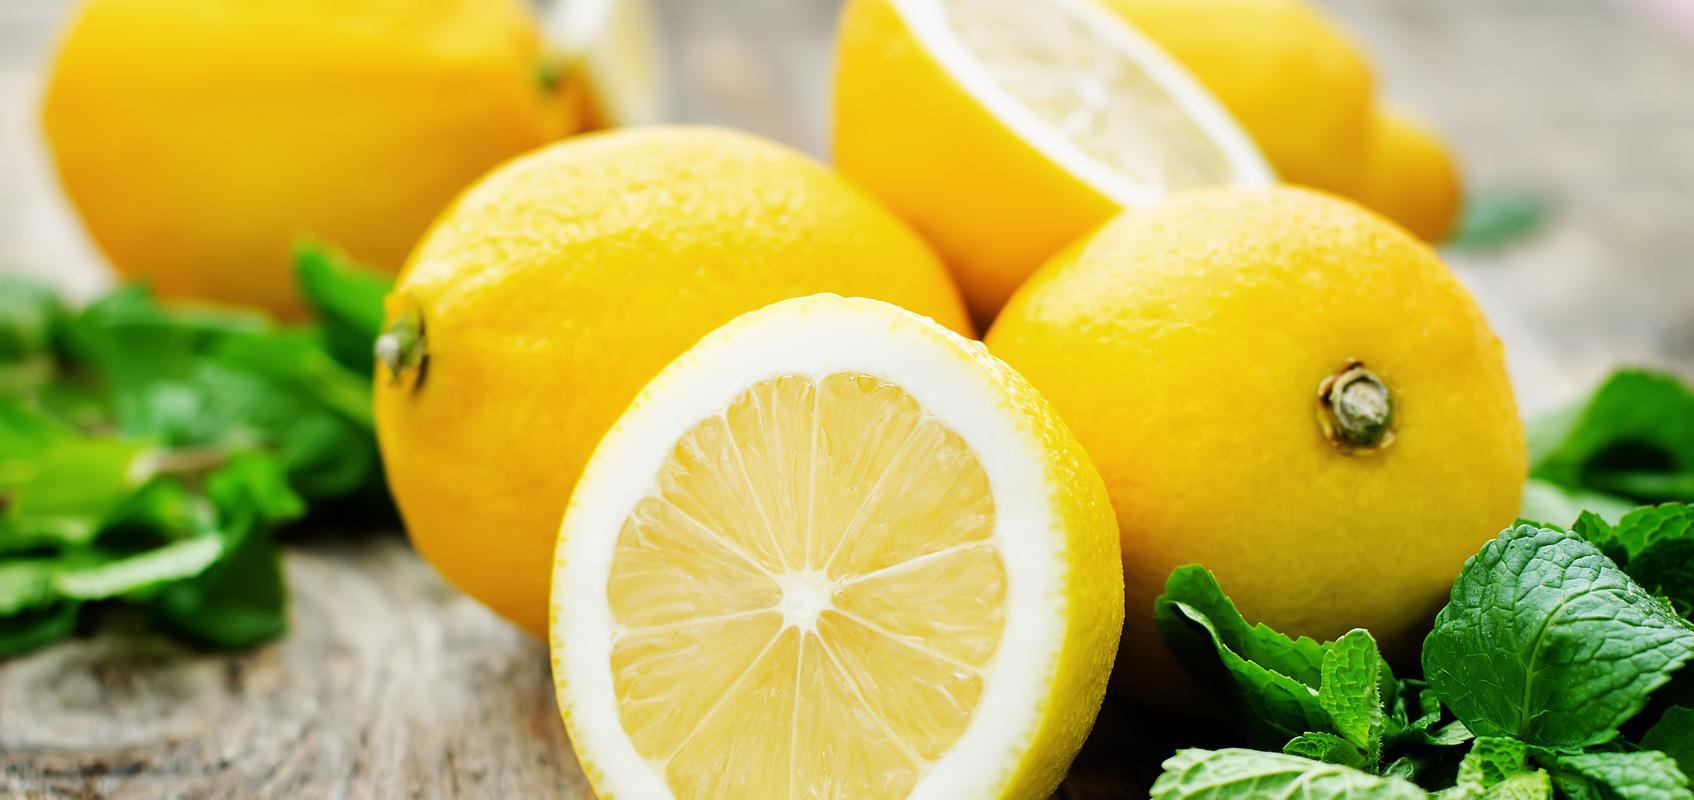 Citrons coupés